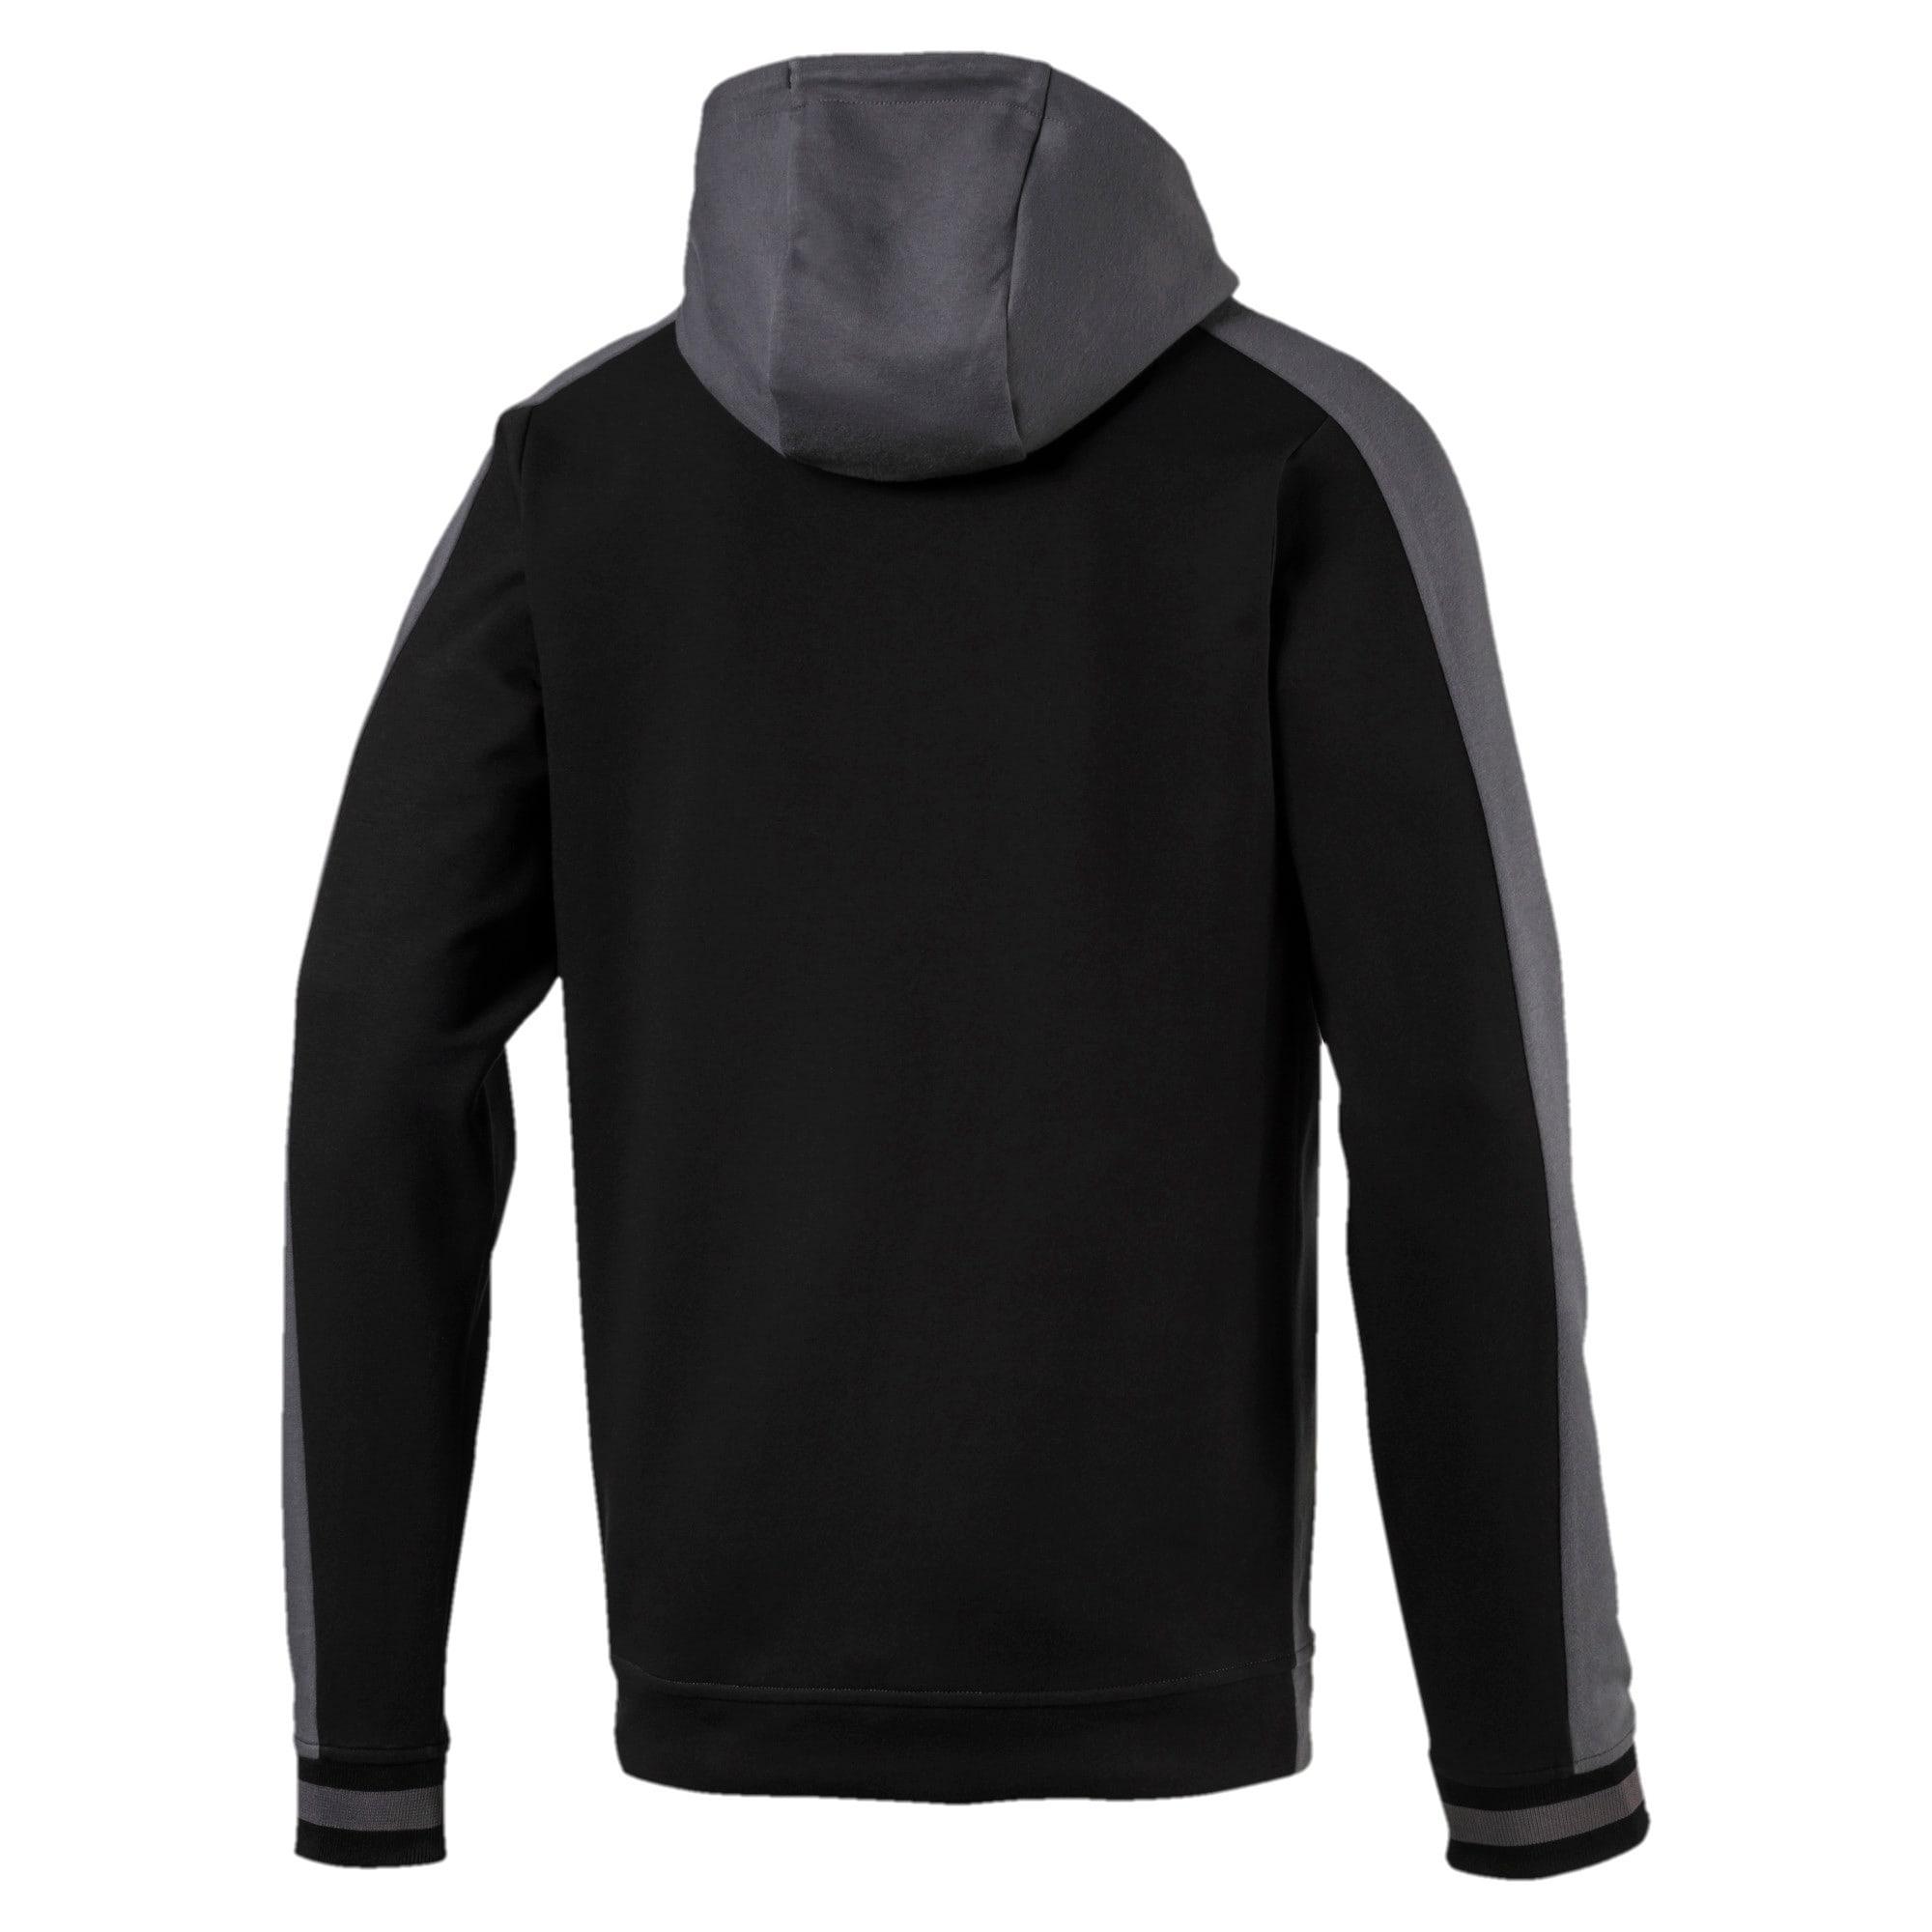 Thumbnail 5 of Collective hoodie voor heren, CASTLEROCK-Puma Black, medium